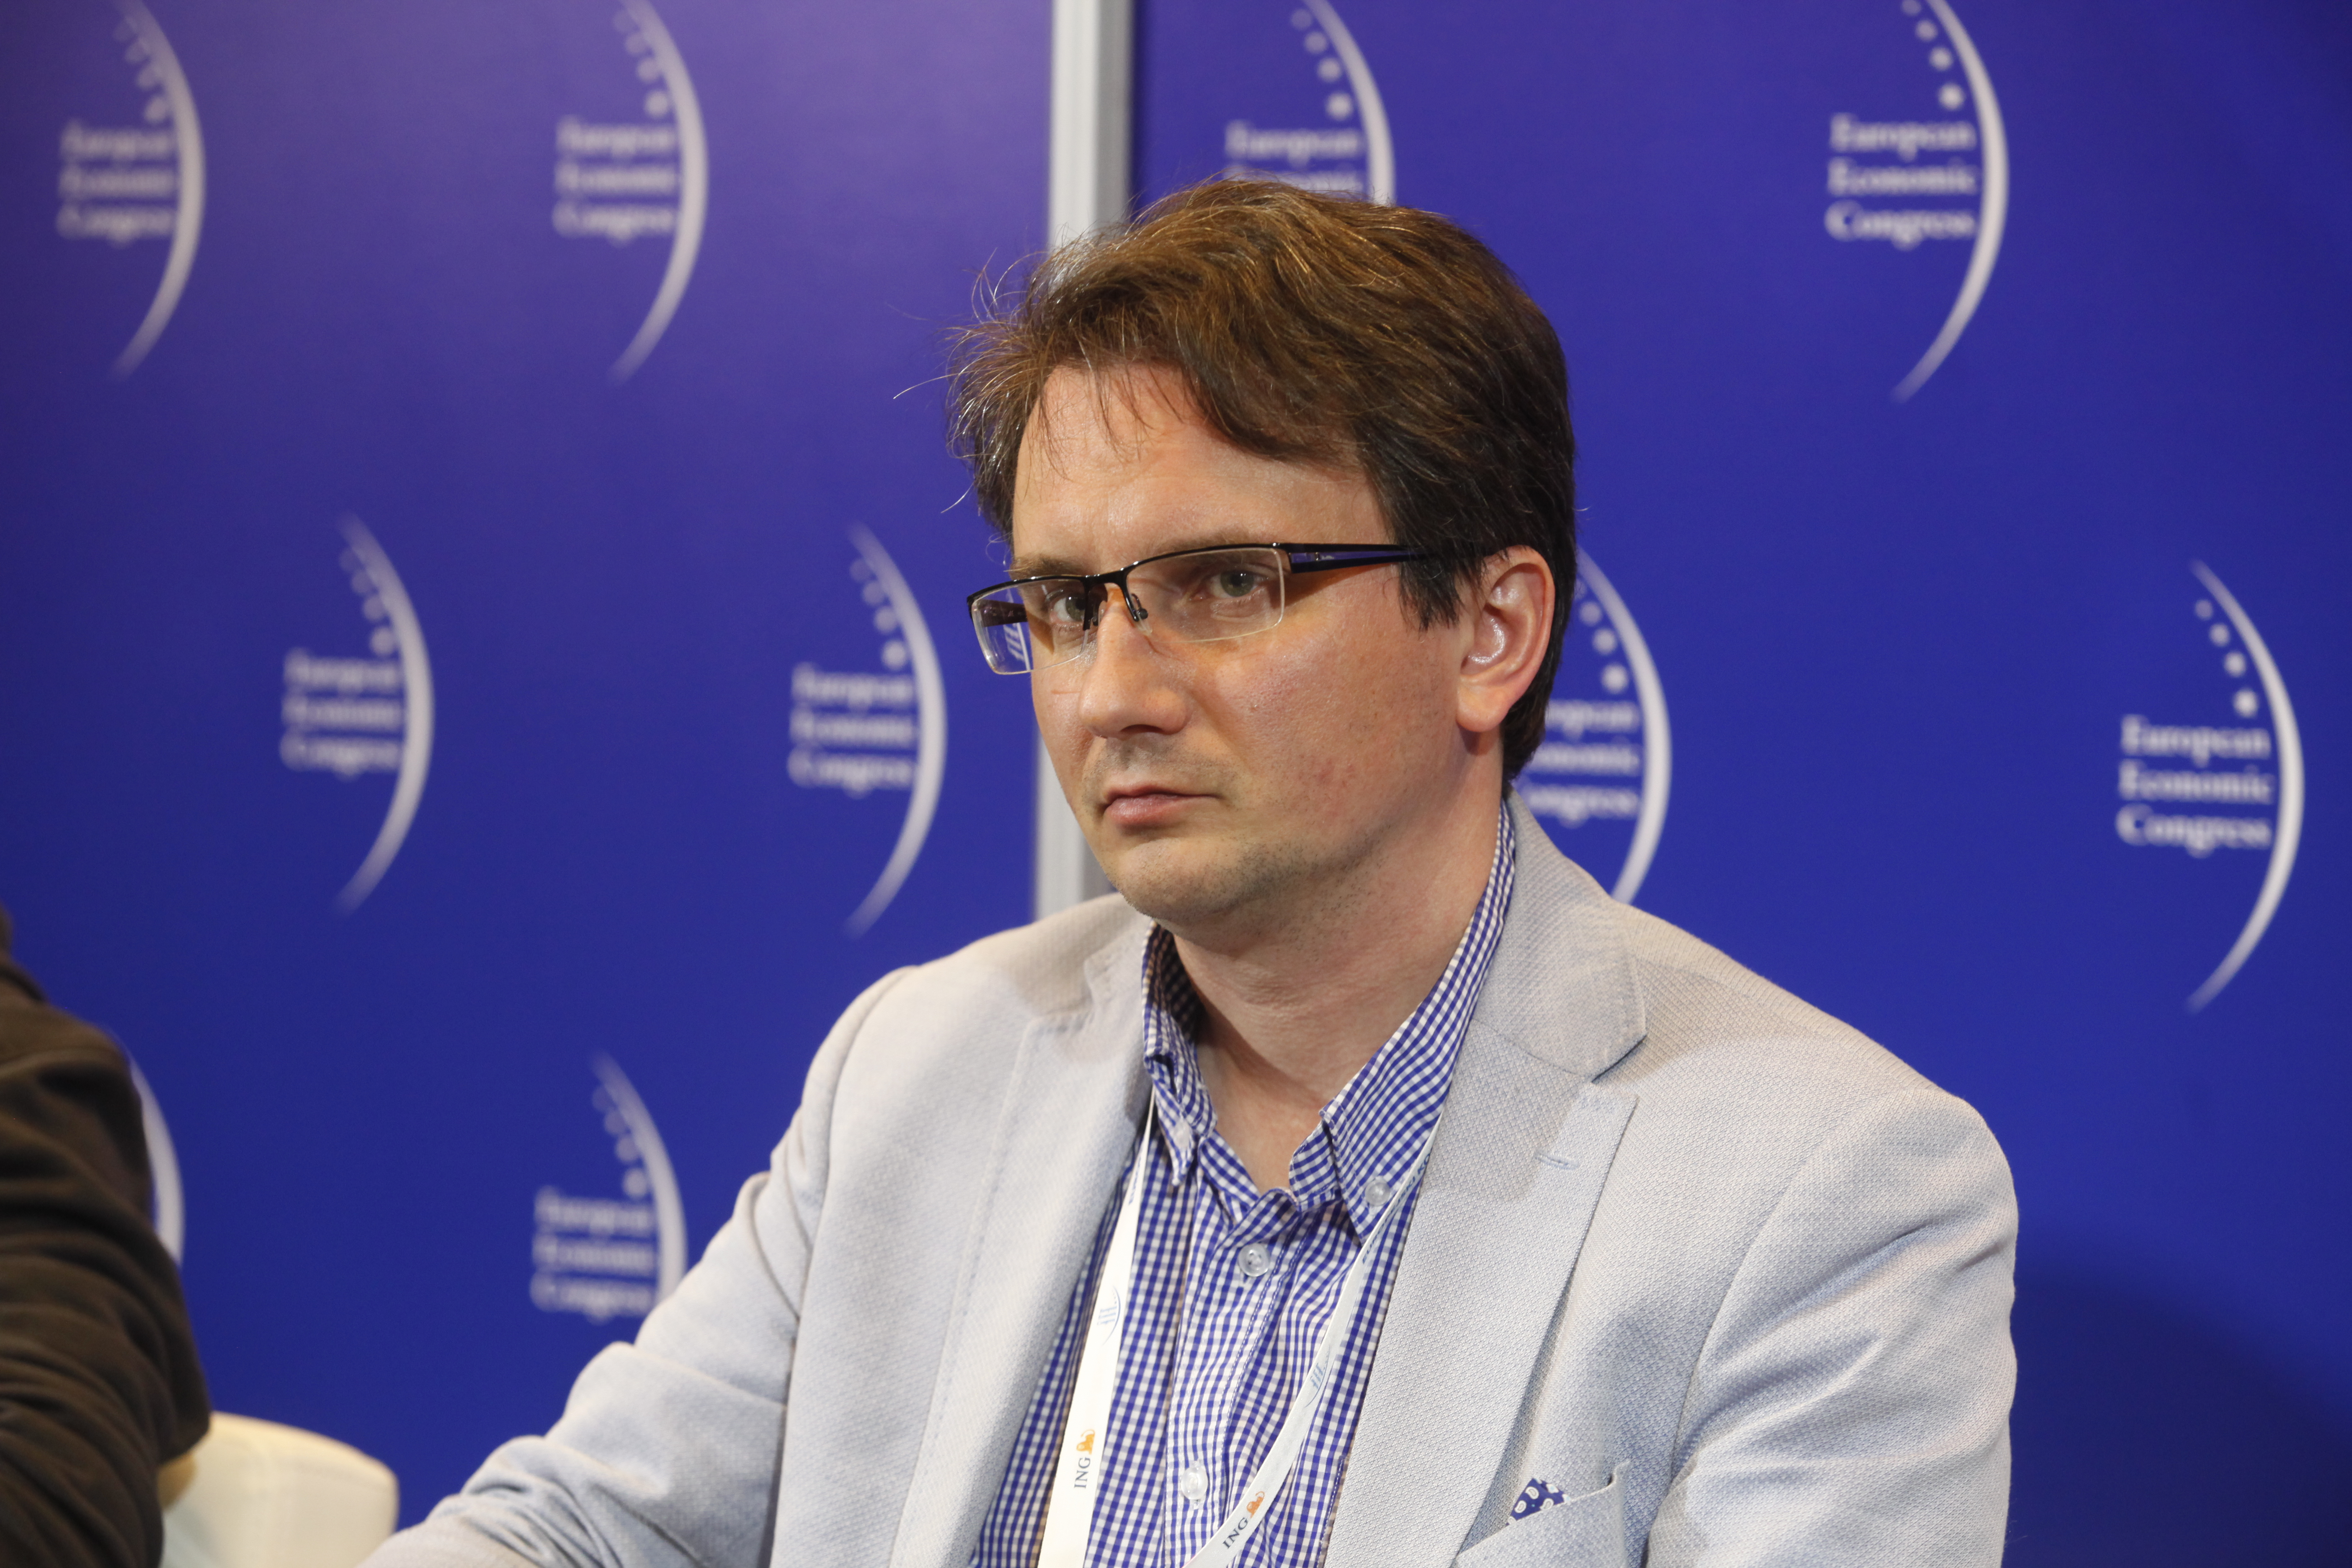 Widać potencjał branży w Polsce, porównując ją choćby do naszych południowych sąsiadów - mówi Remigiusz Kopoczek, prezes ARP Games. (fot. PTWP)